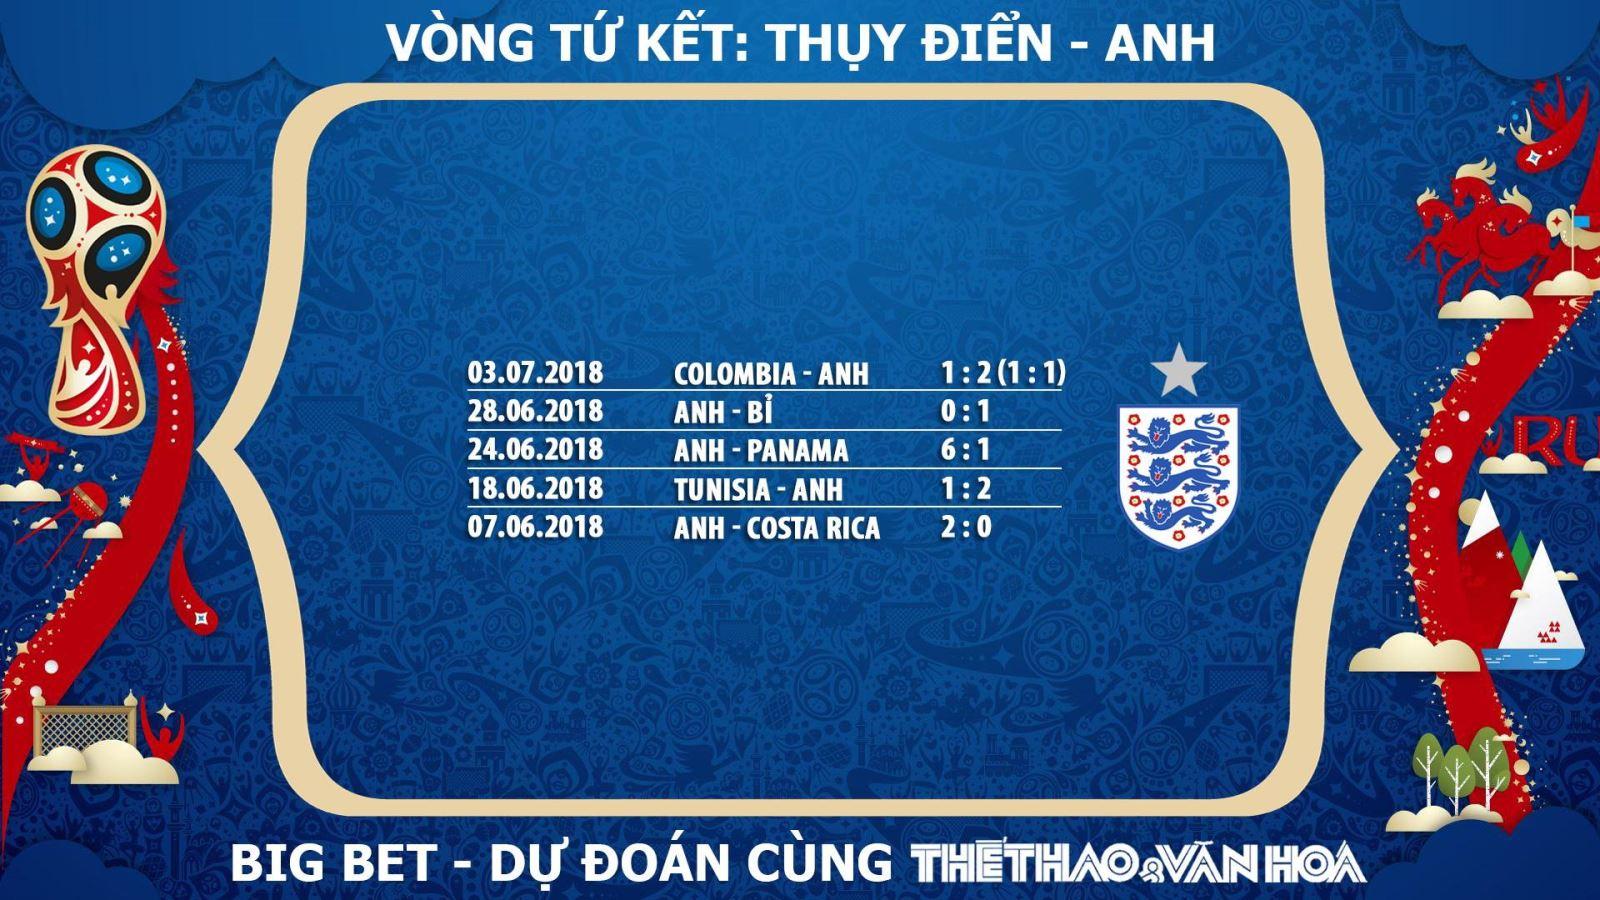 Dự đoán Anh, nhận định Anh, soi kèo Anh, chọn kèo Anh, tỉ lệ cá cược Anh, chọn cửa Anh, trực tiếp Anh, xem trực tiếp Anh, phong độ của Anh, Anh lọt vào Tứ kết, Anh lọt vào Bán kết World Cup 2018